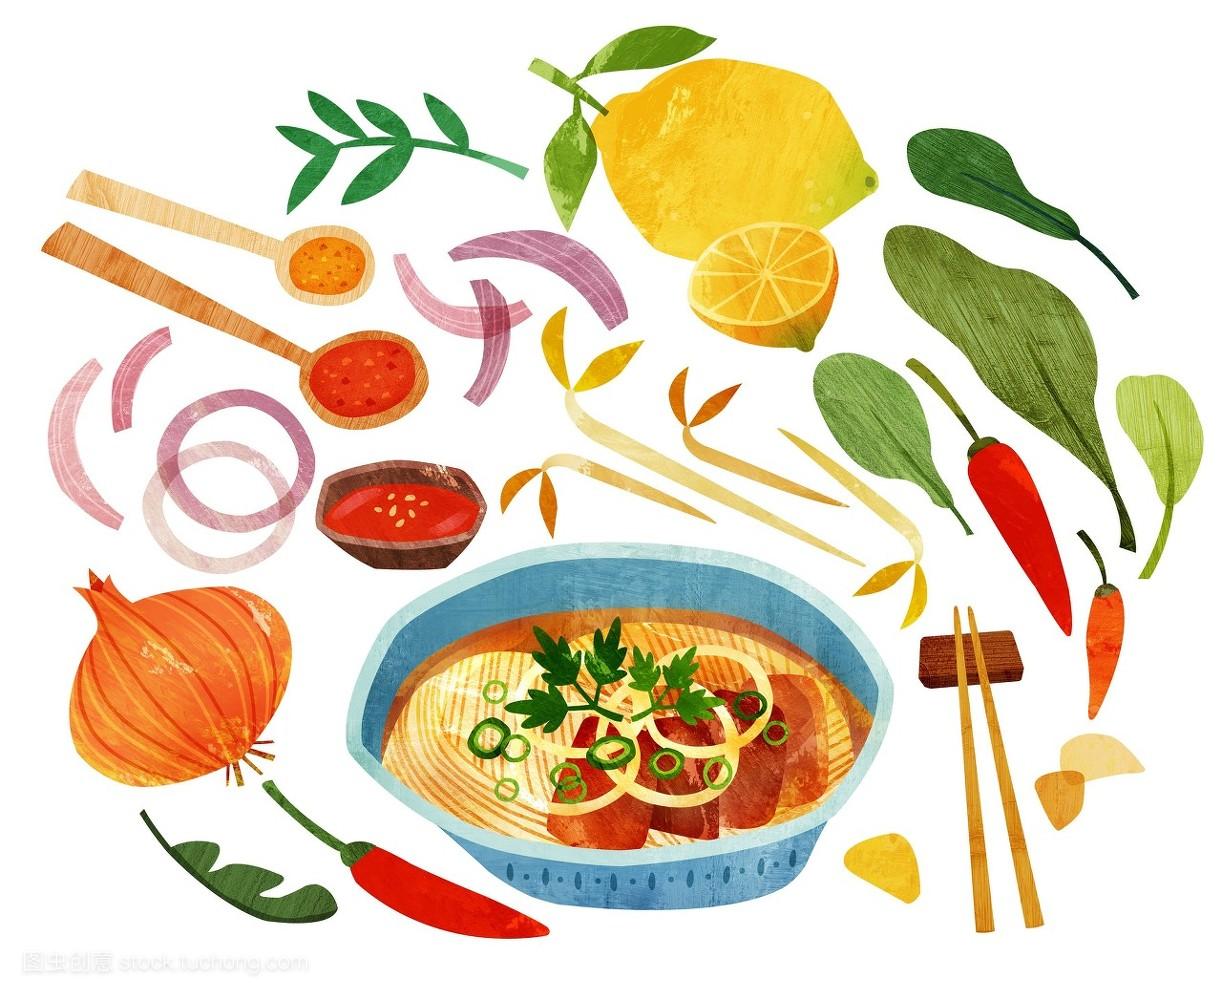 食品�zl�9��9�+_漫画插图,插画,碗,食品,烹调,面条,洋葱,汤匙,盘子,越南,物体,餐